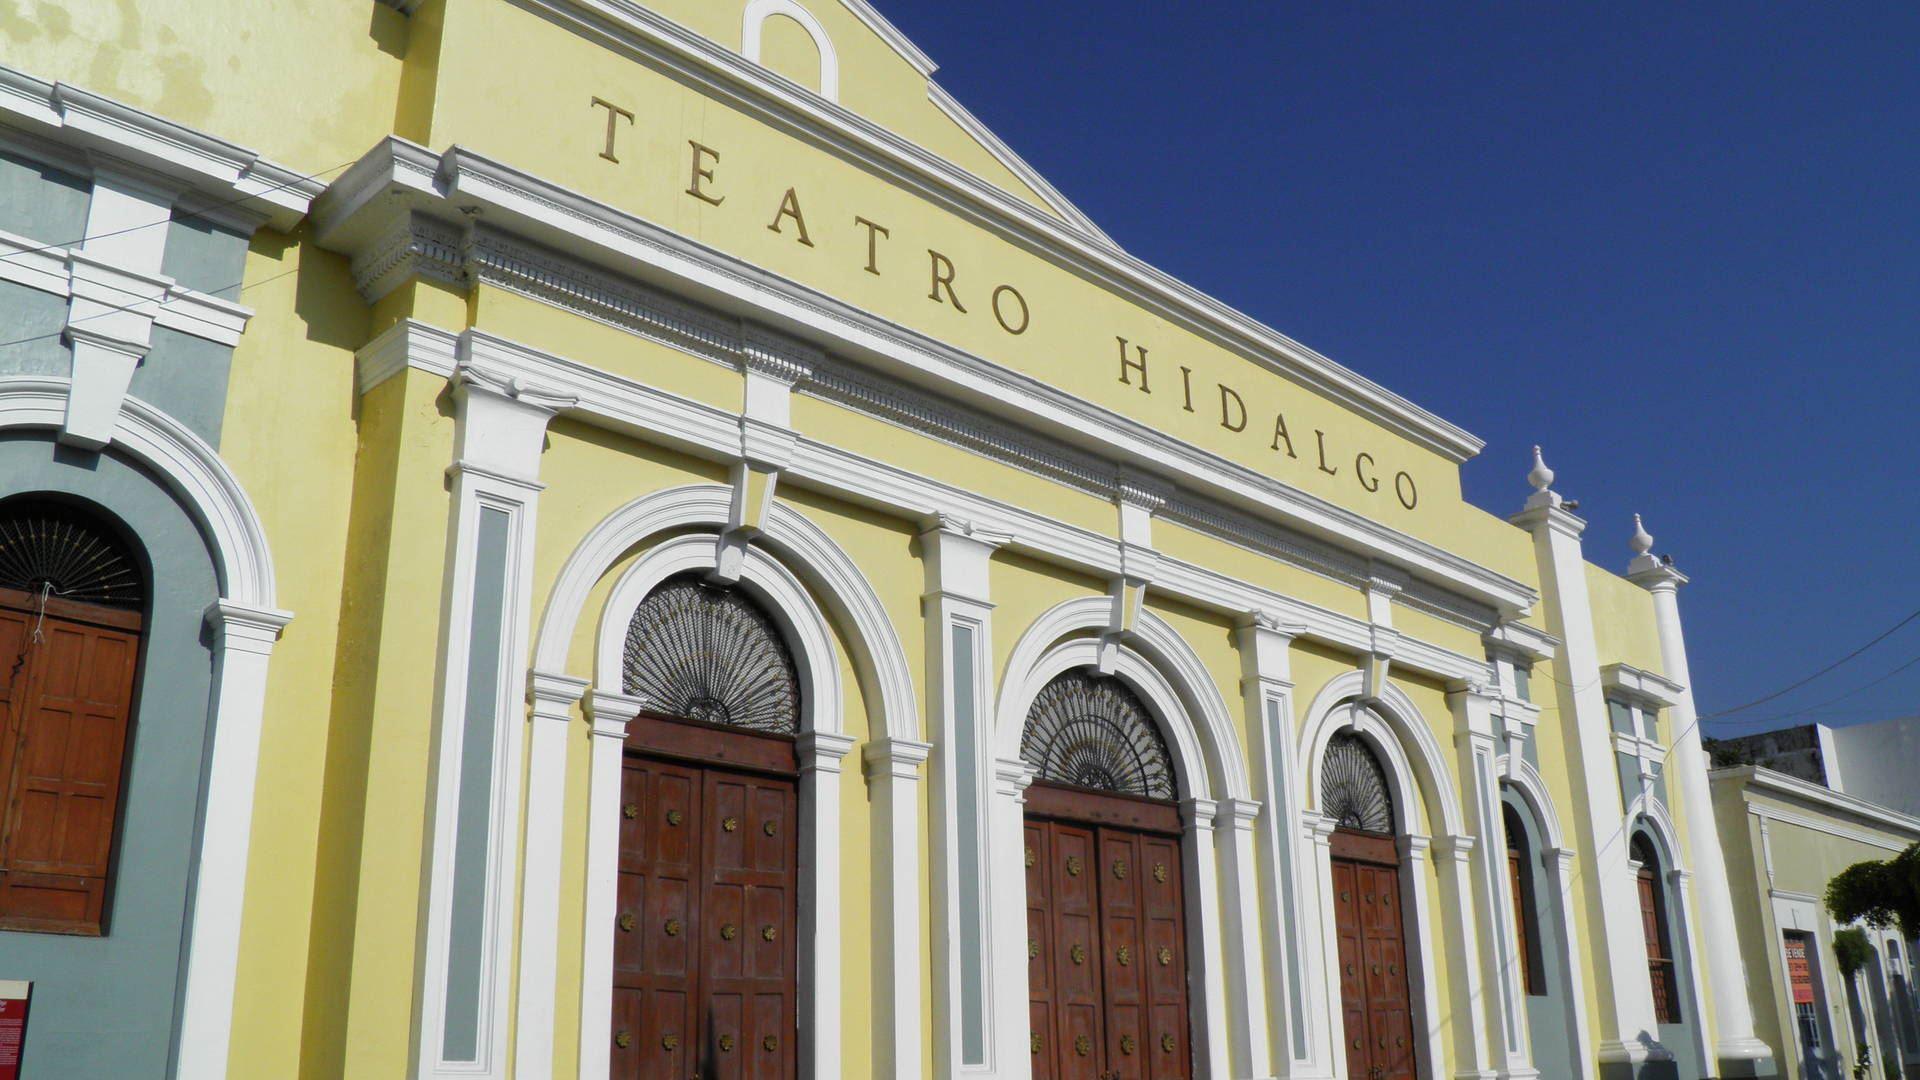 Hidalgo Theater